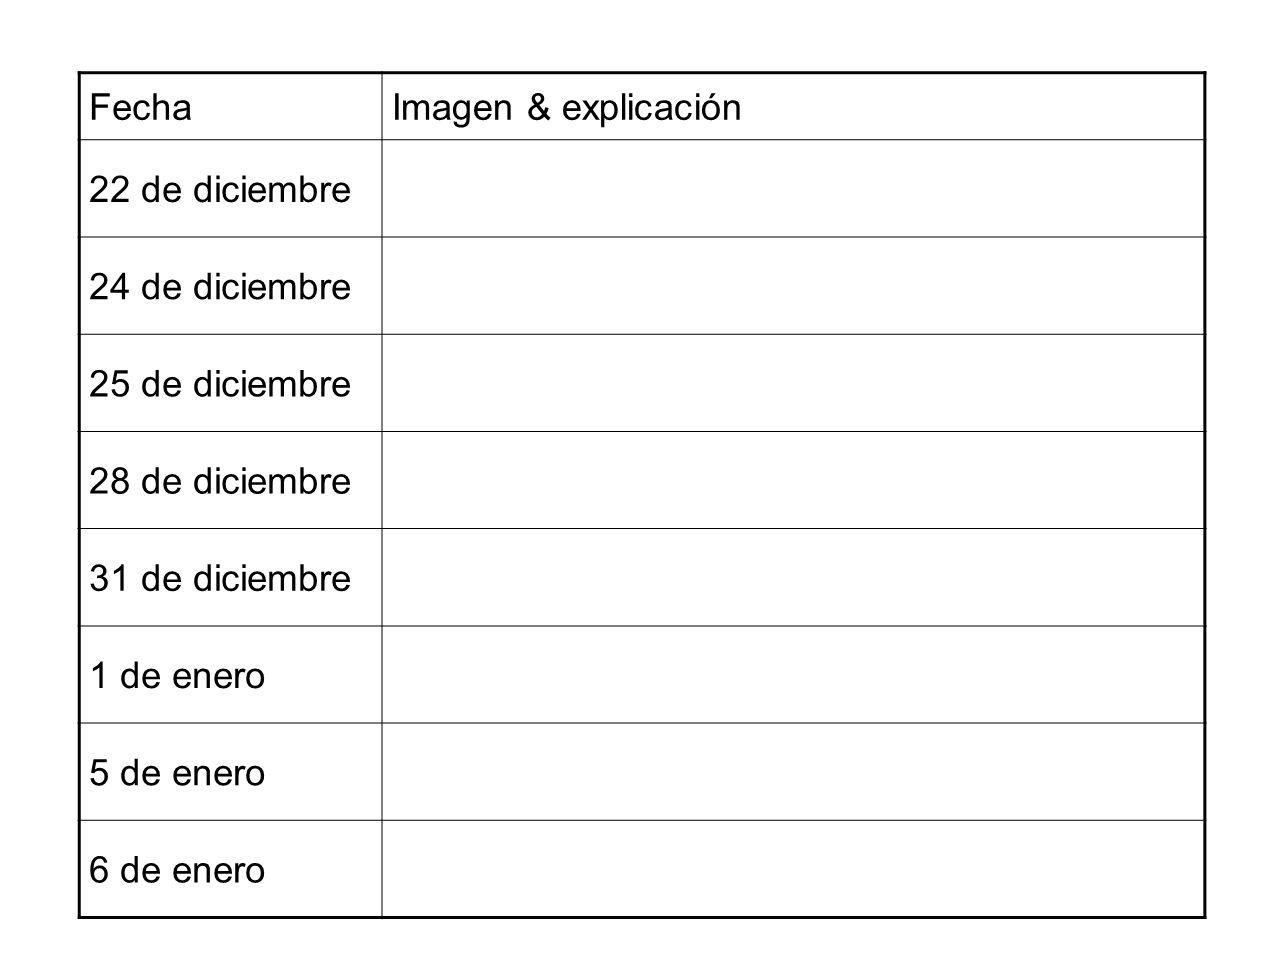 FechaImagen & explicación 22 de diciembre 24 de diciembre 25 de diciembre 28 de diciembre 31 de diciembre 1 de enero 5 de enero 6 de enero